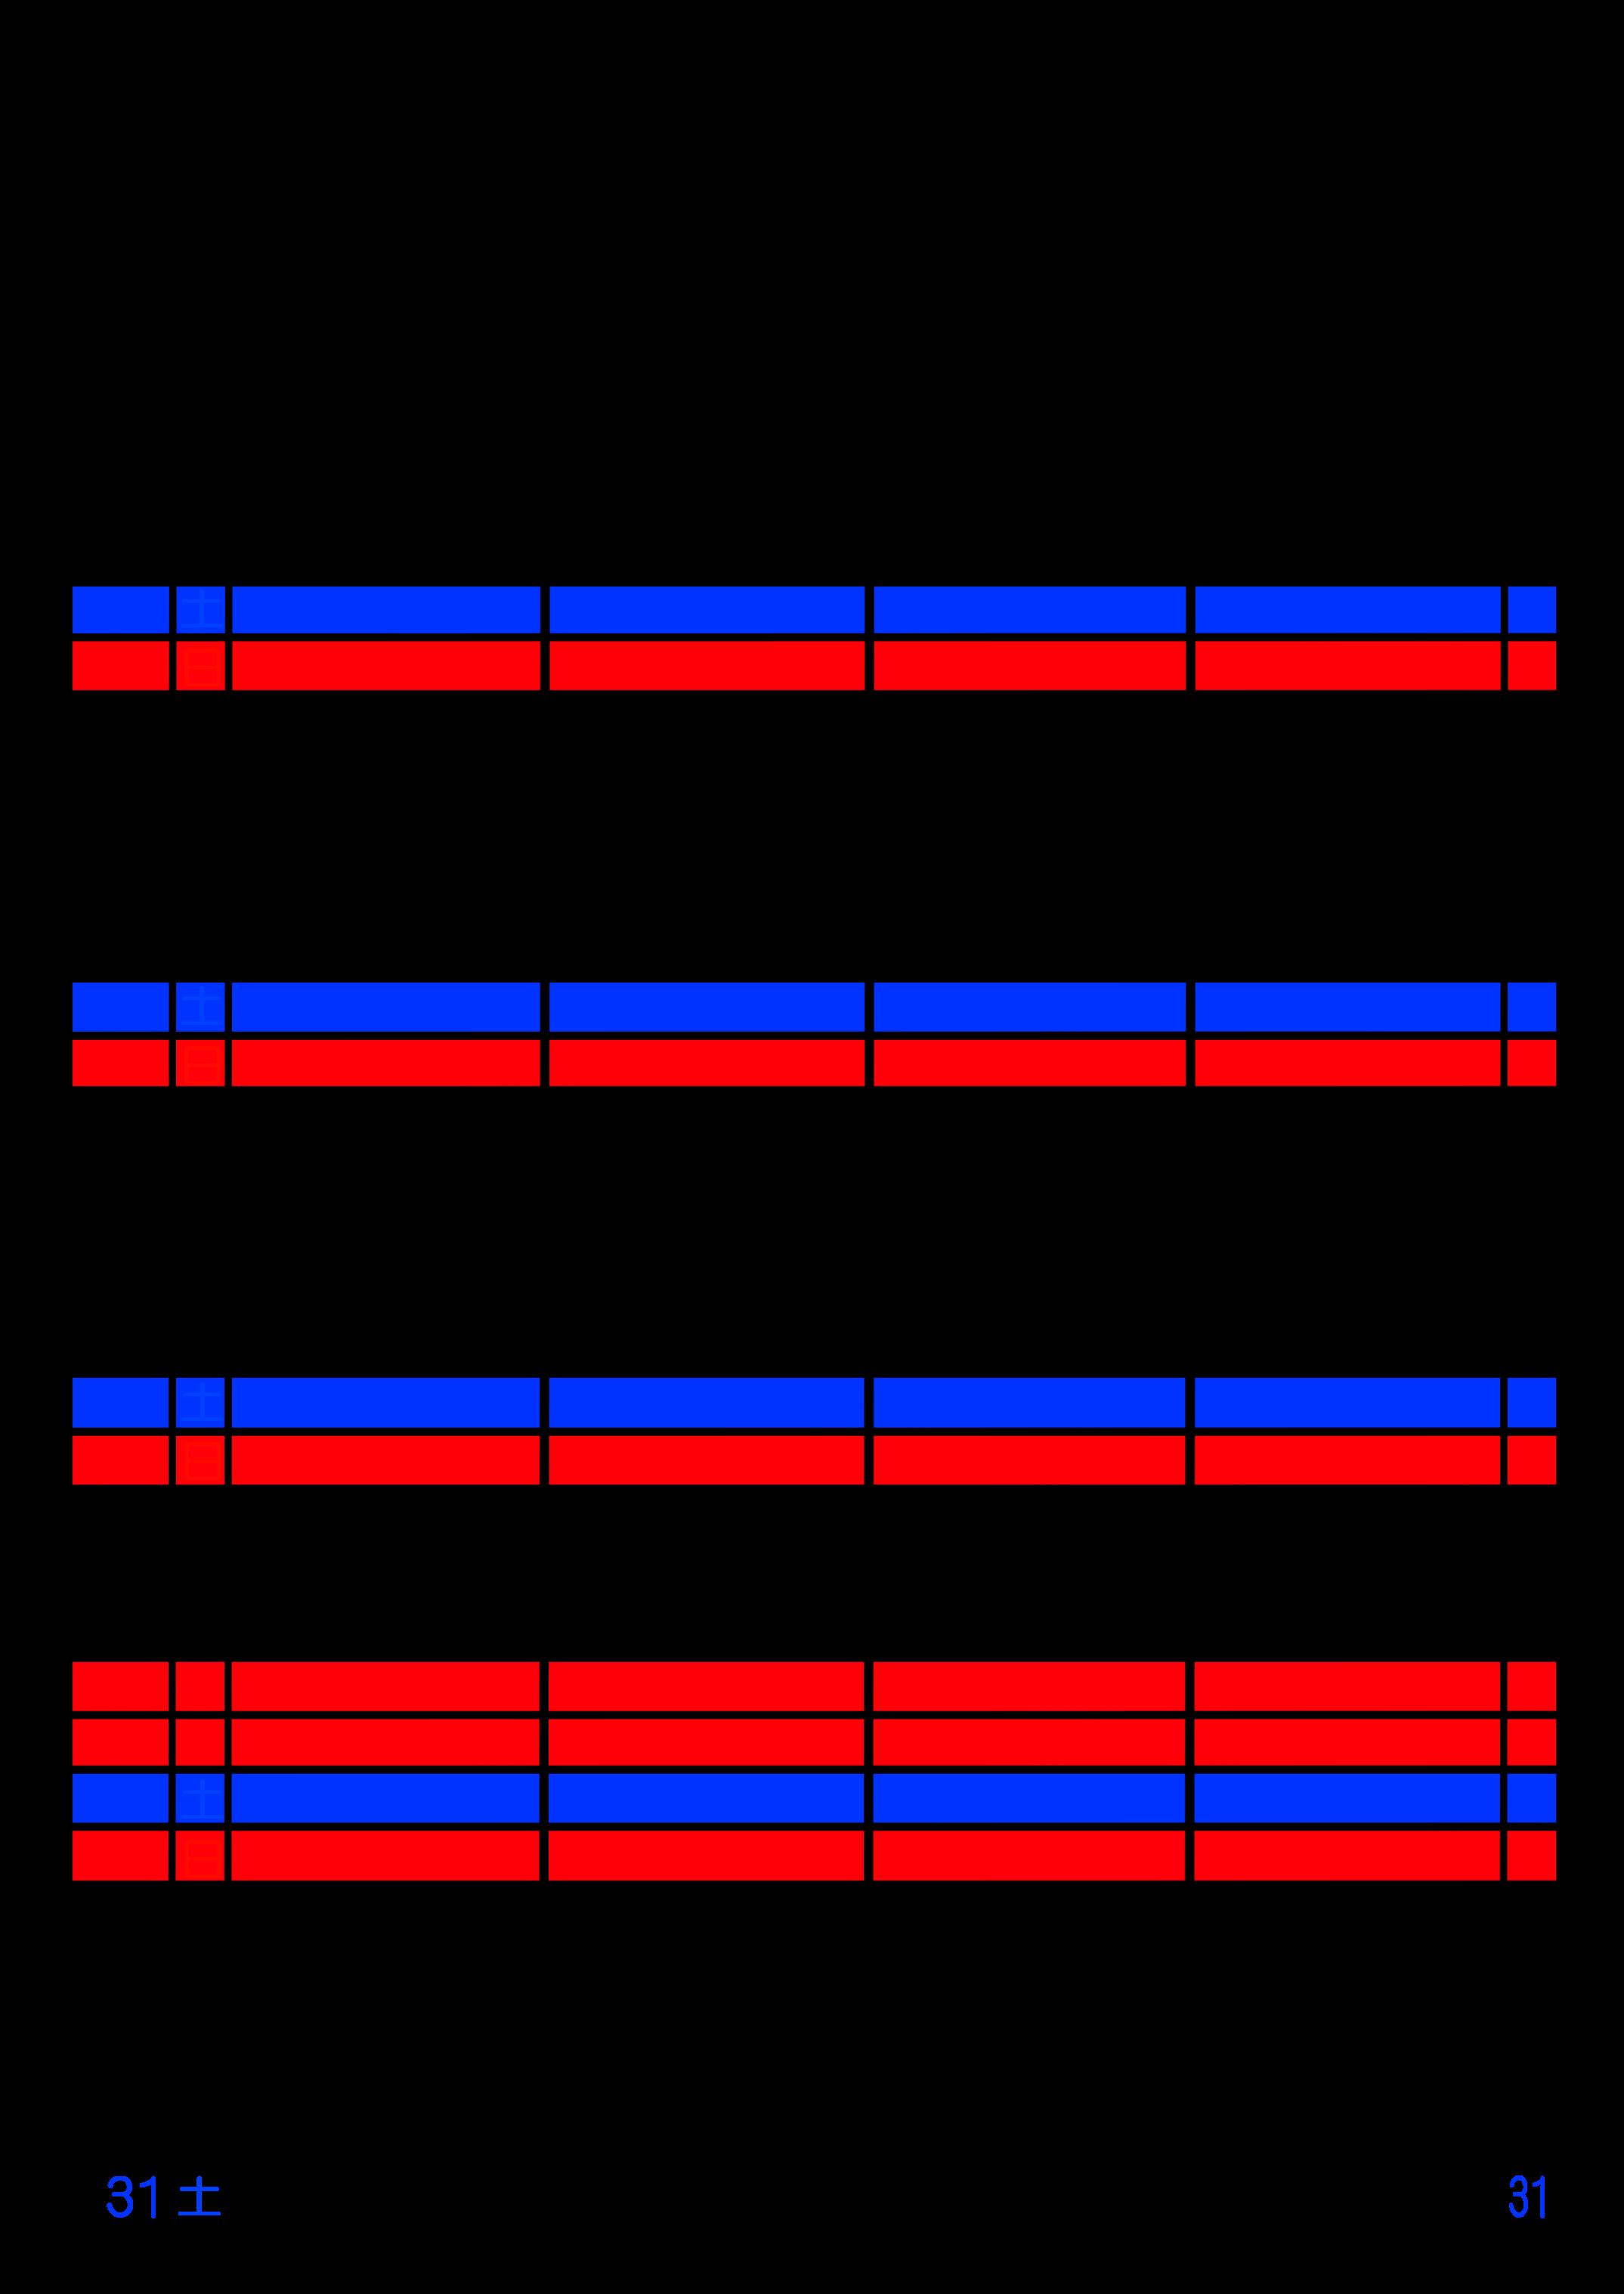 2021年家族カレンダー シンプル 背景透過PNG形式 4人用 7月